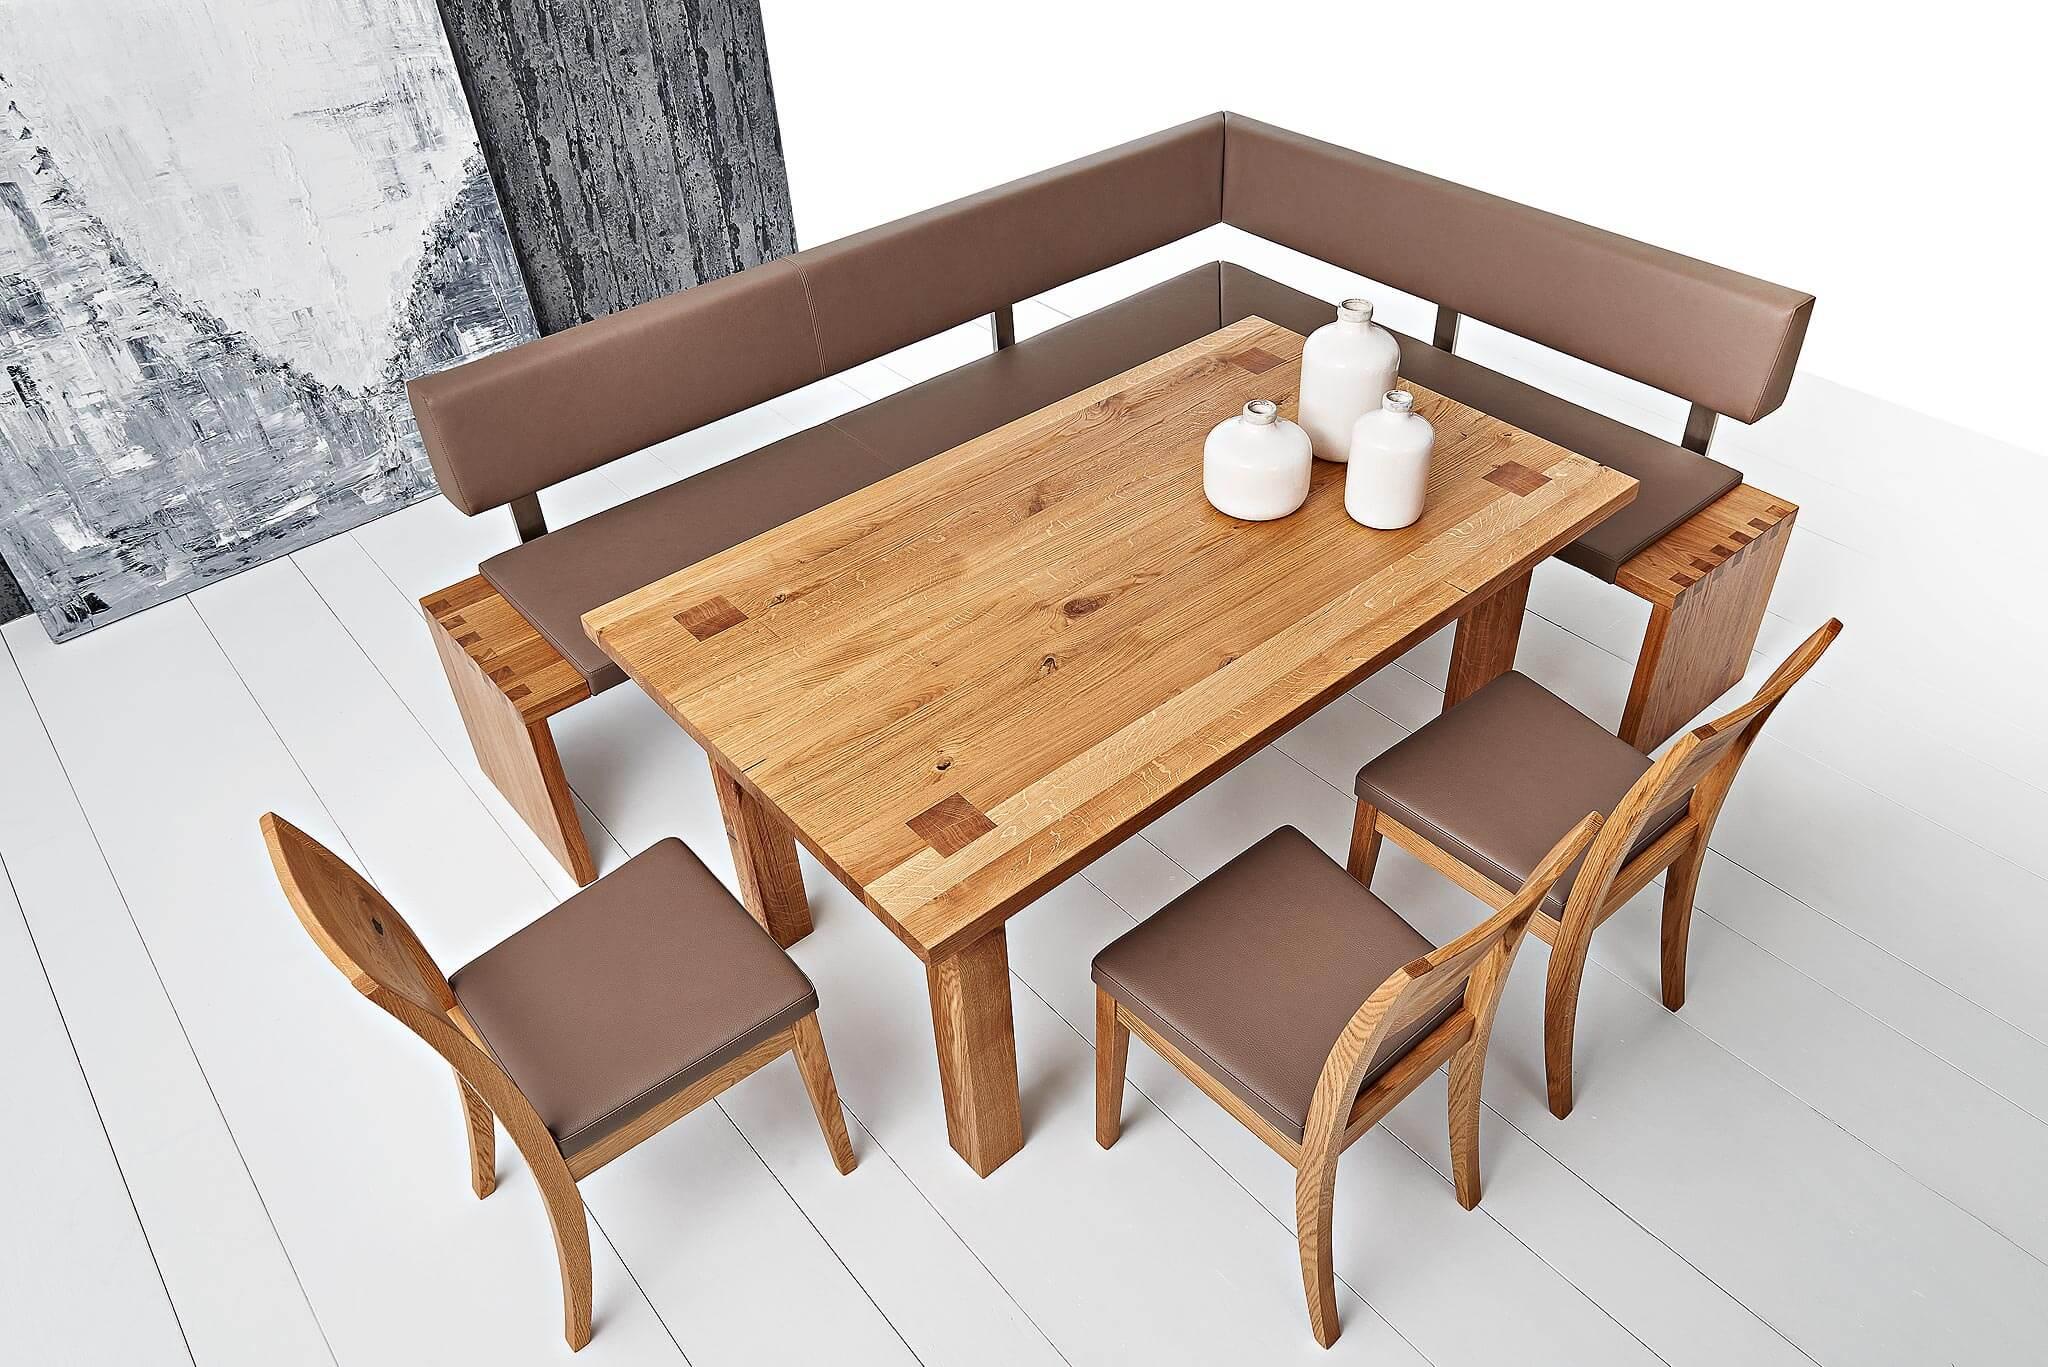 Quadra Esszimmer mit Eckbank in Holz und Leder